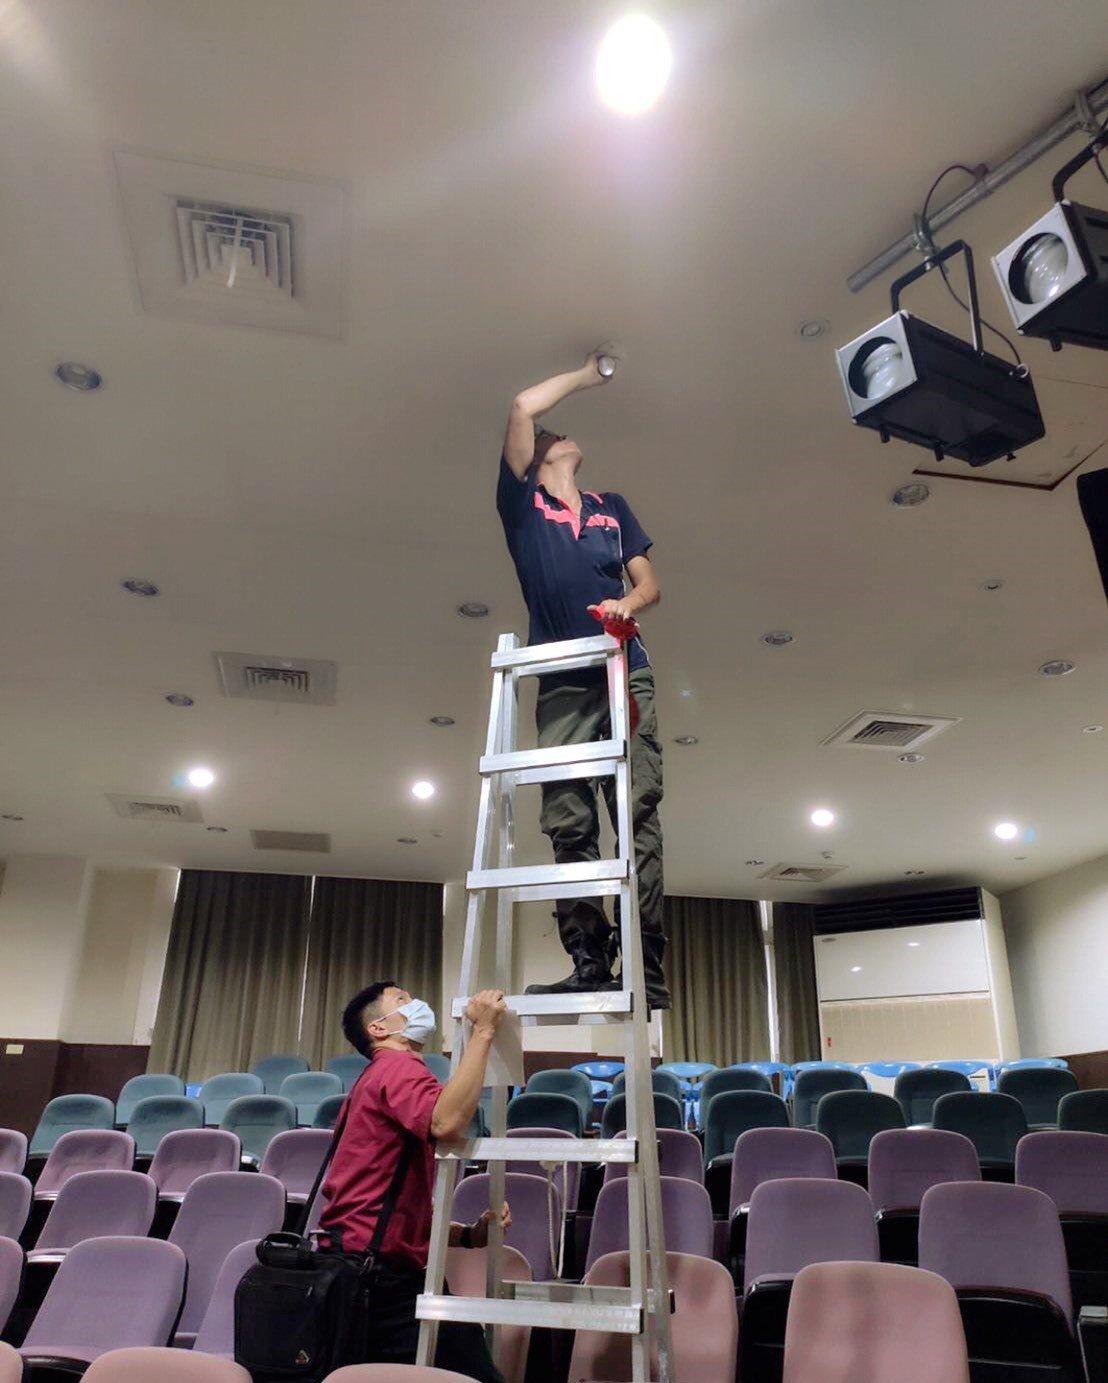 桃園市八德區11所國中小附幼的消防設備檢查合格率僅9%,桃市教育局回應,被點名的...